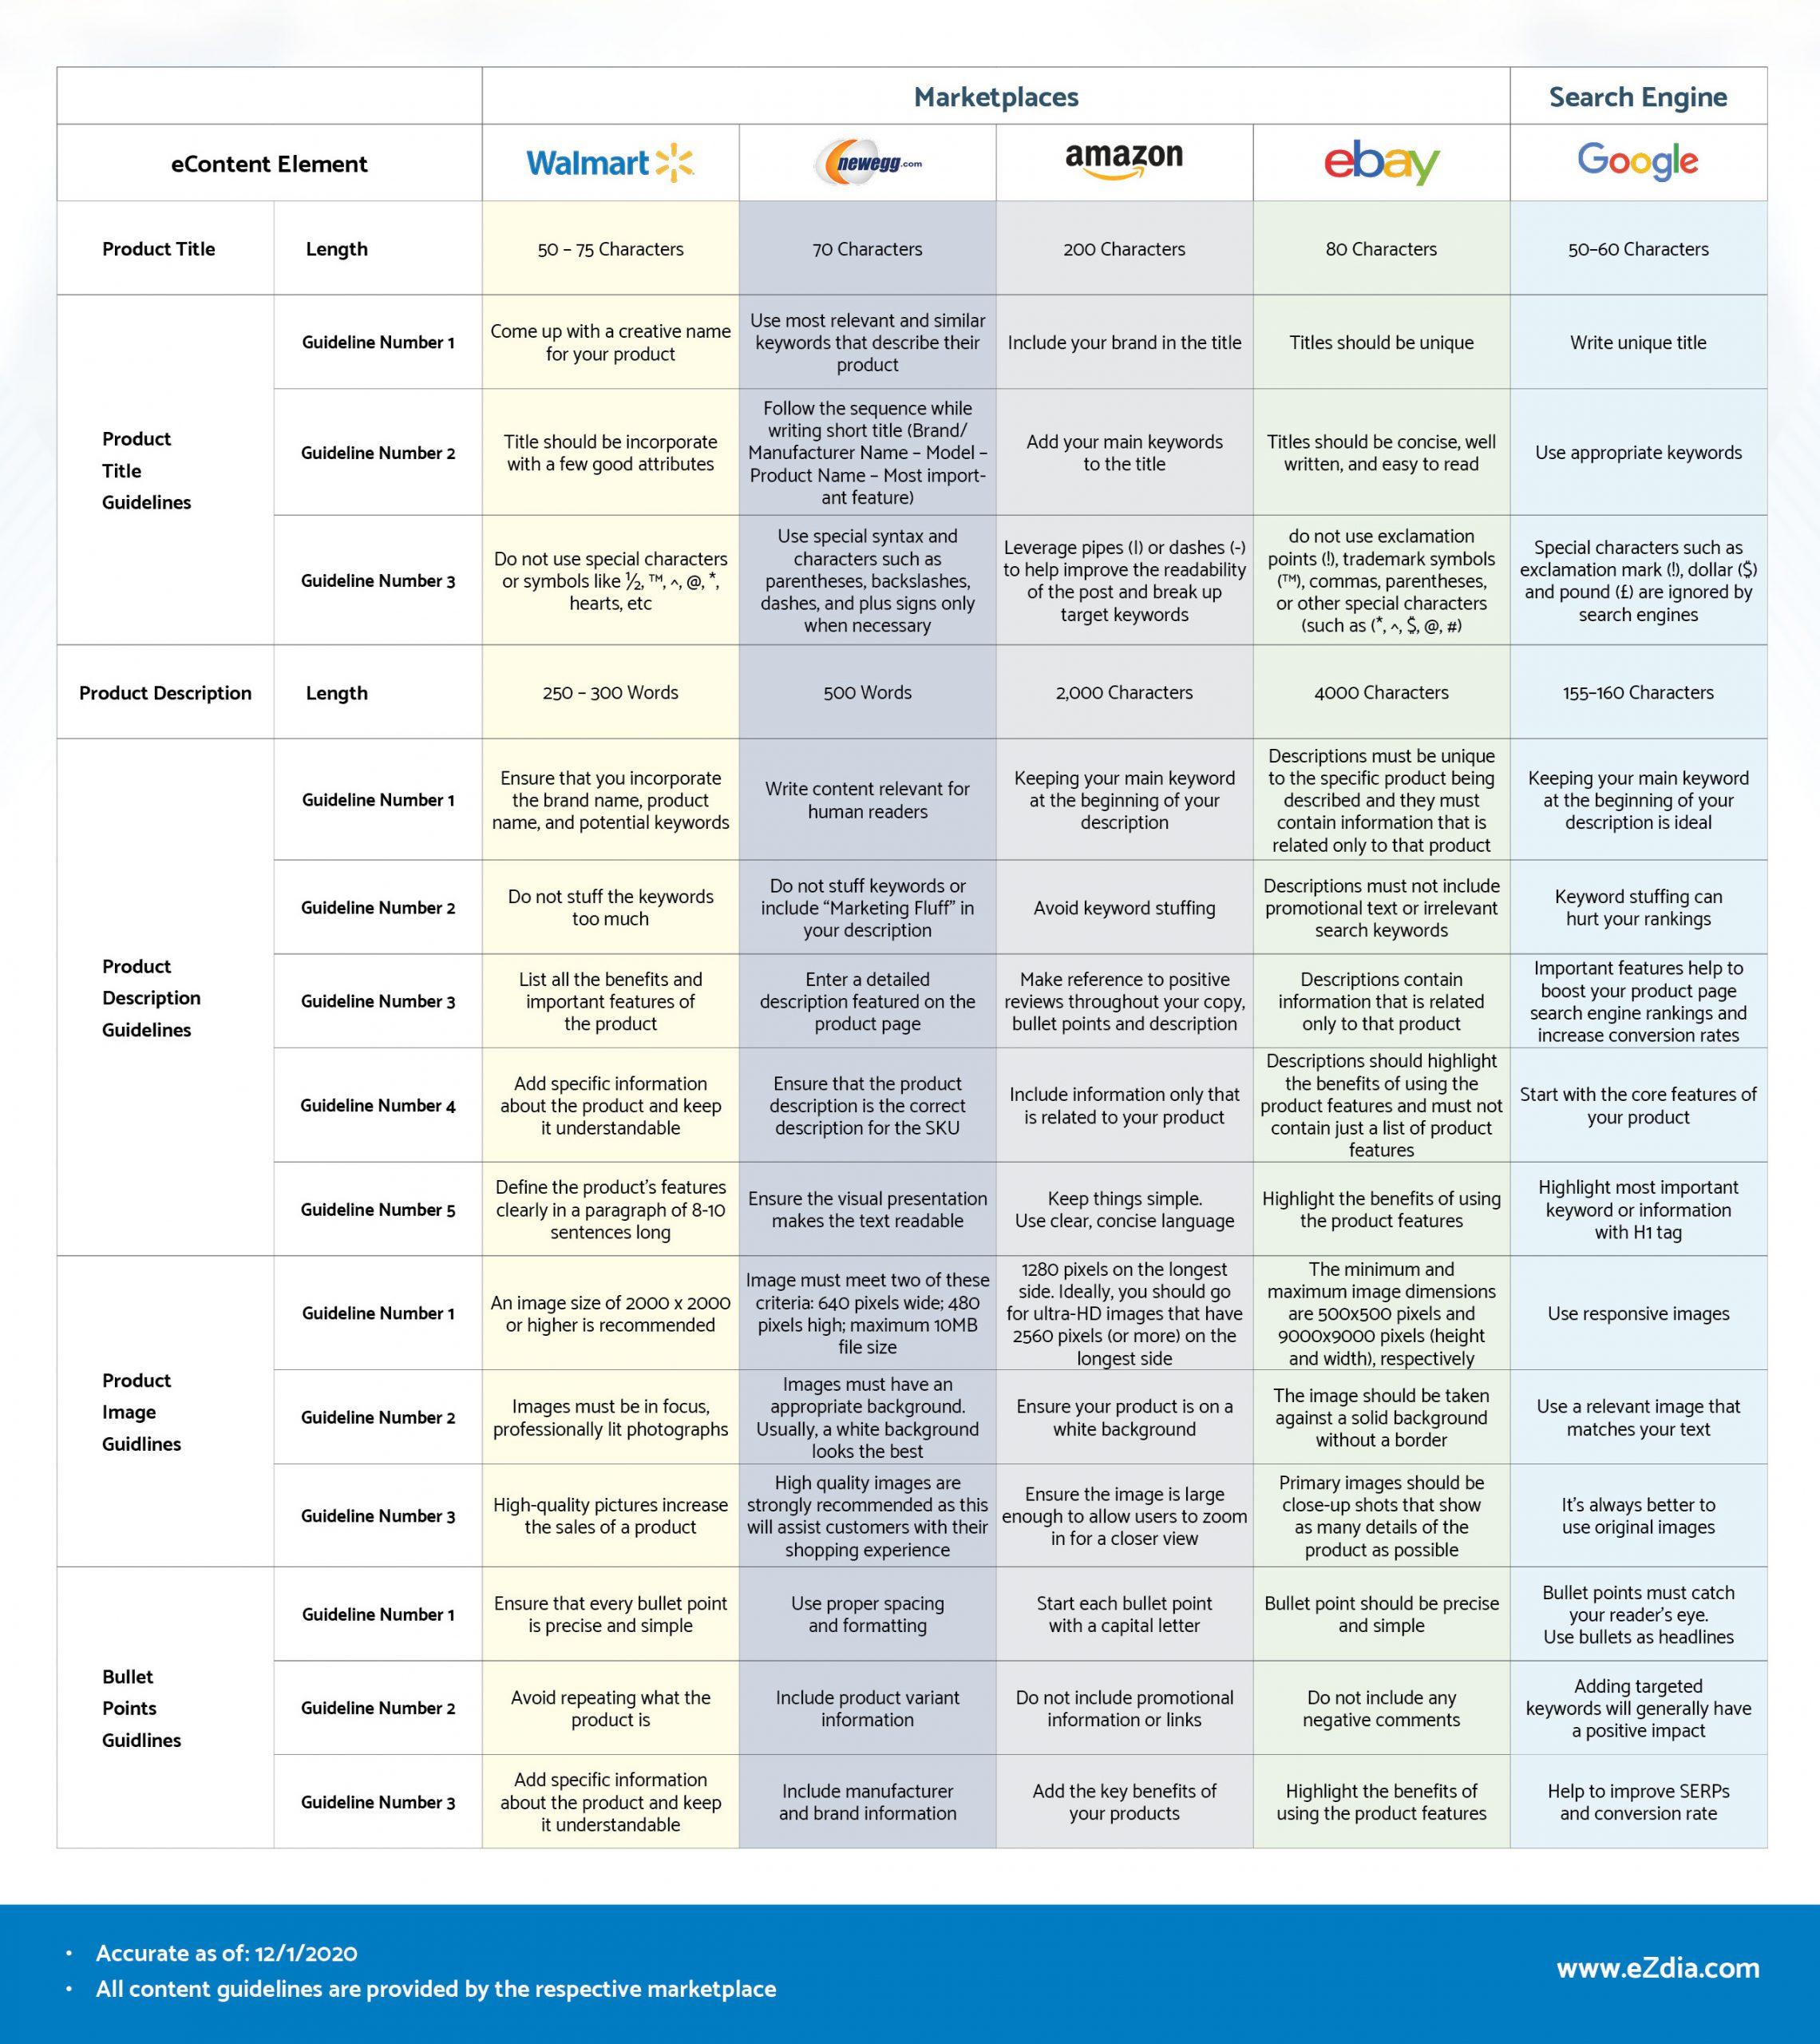 Marketplace Comparison Chart